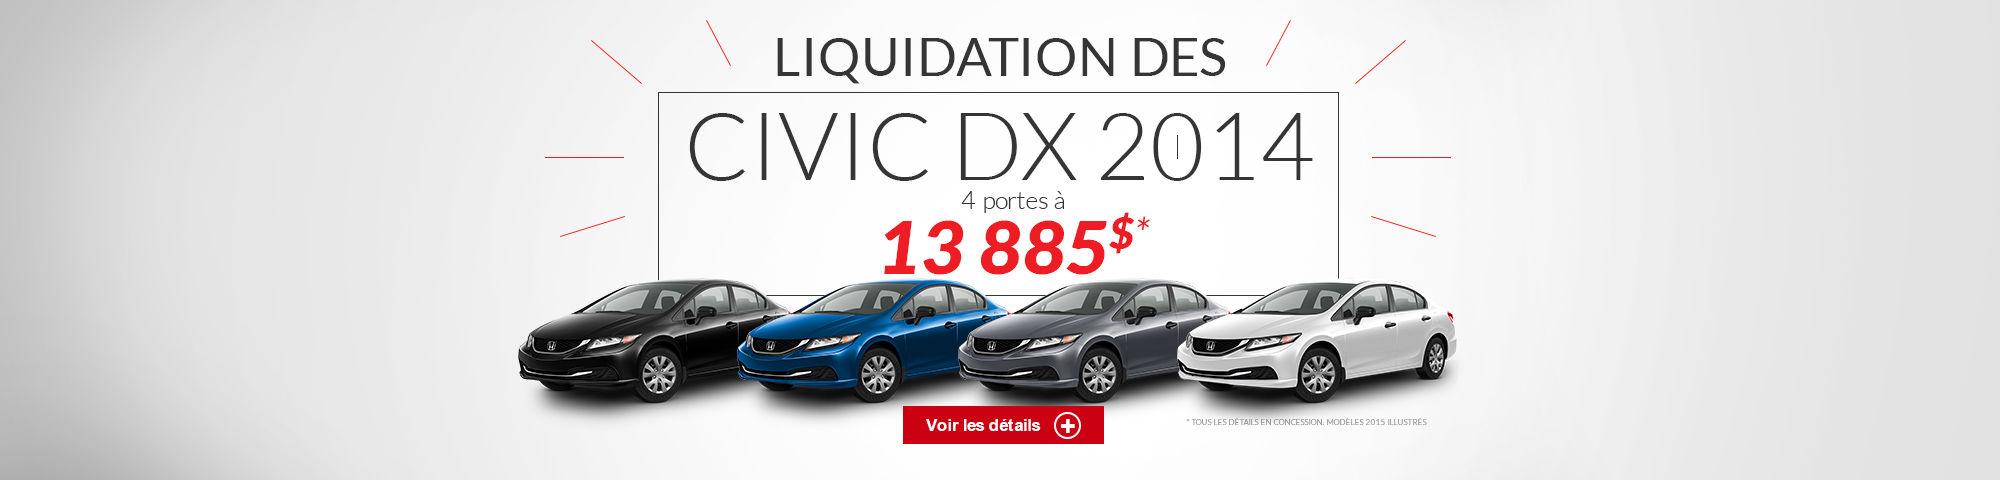 Liquidation civic 2014